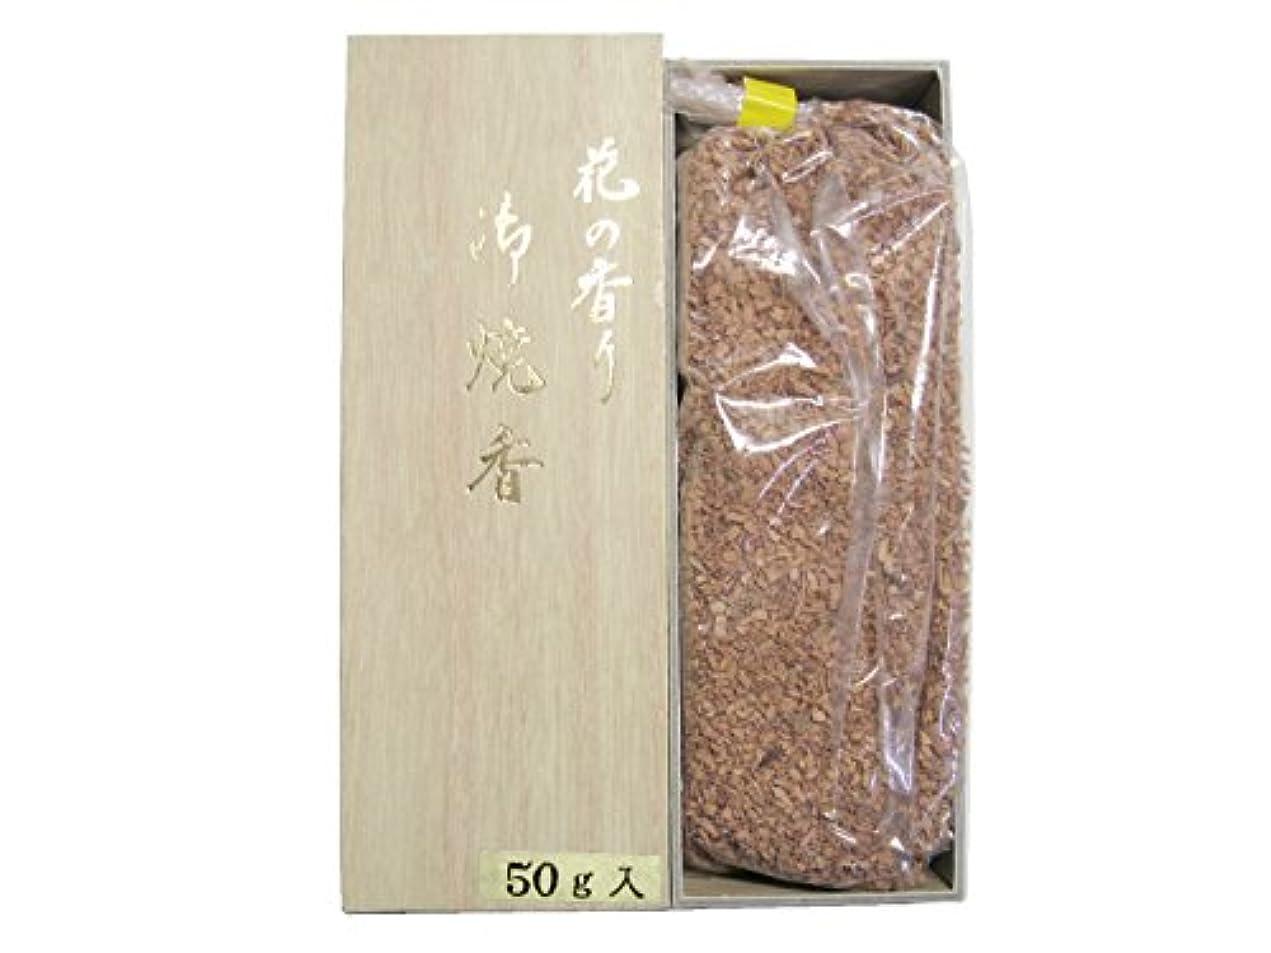 小川時刻表ナース淡路梅薫堂のお焼香 花の香り50g #948 お焼香用 お香